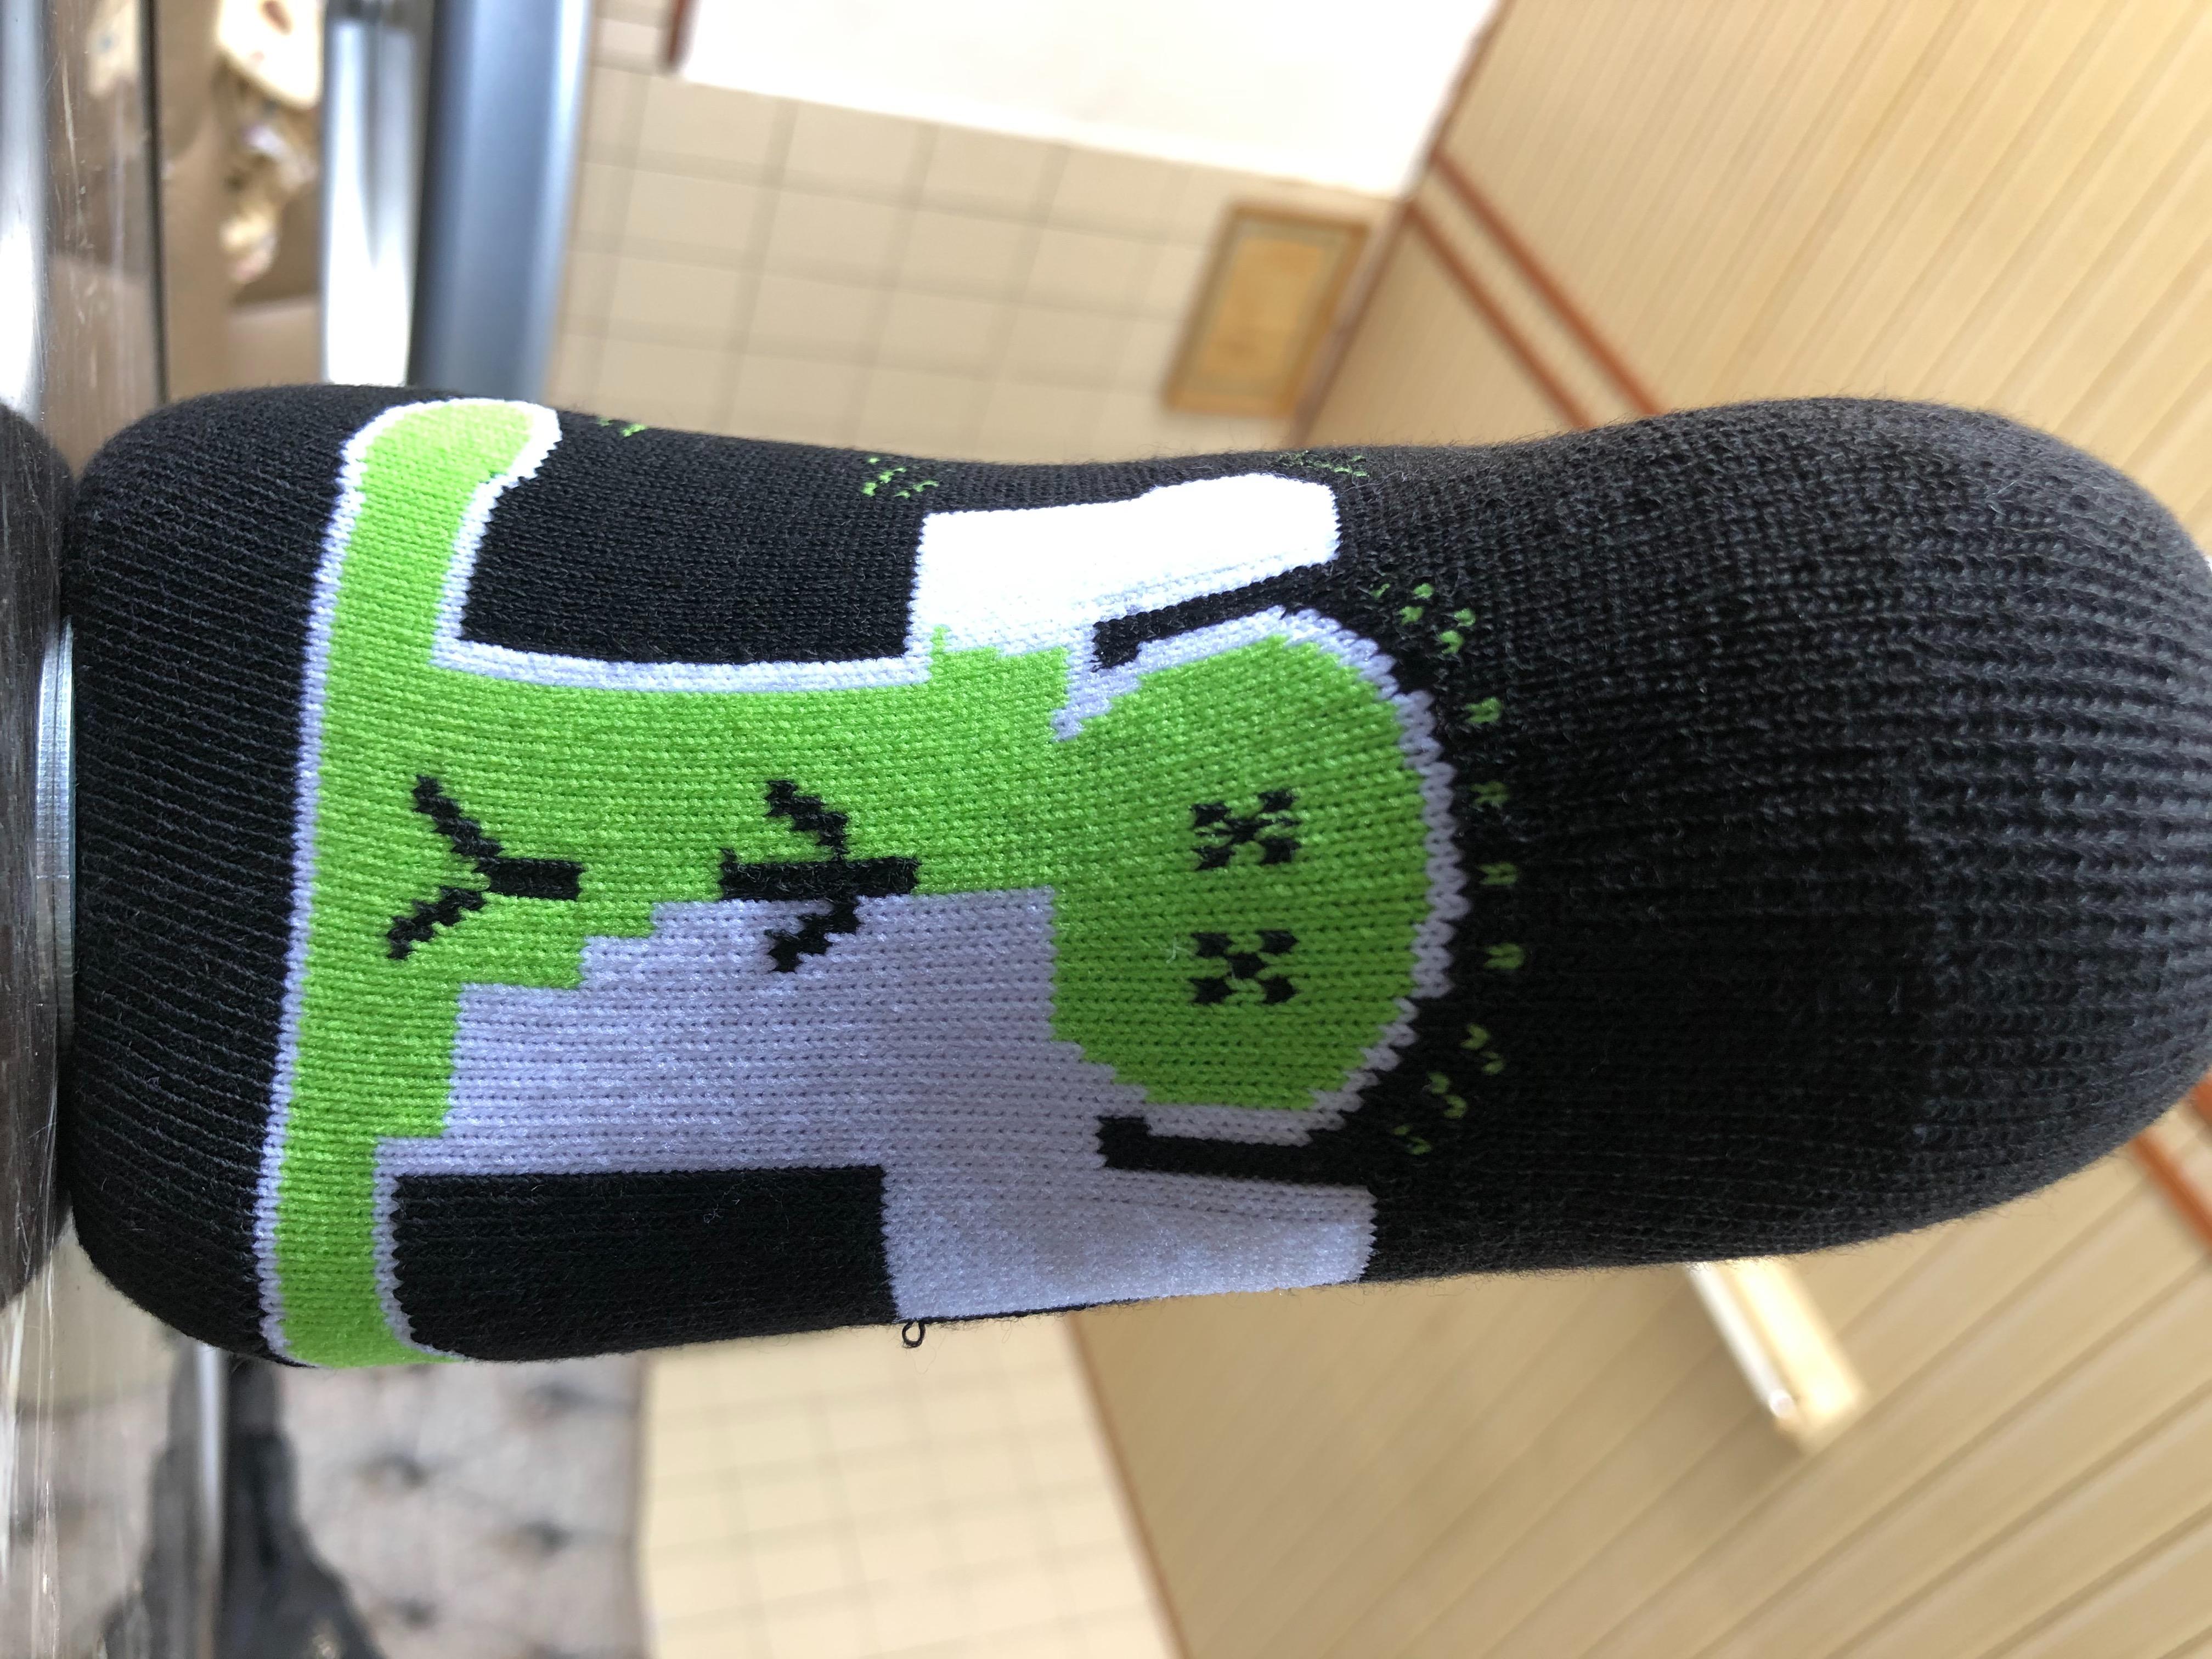 時尚踩小人襪(厚底)40元